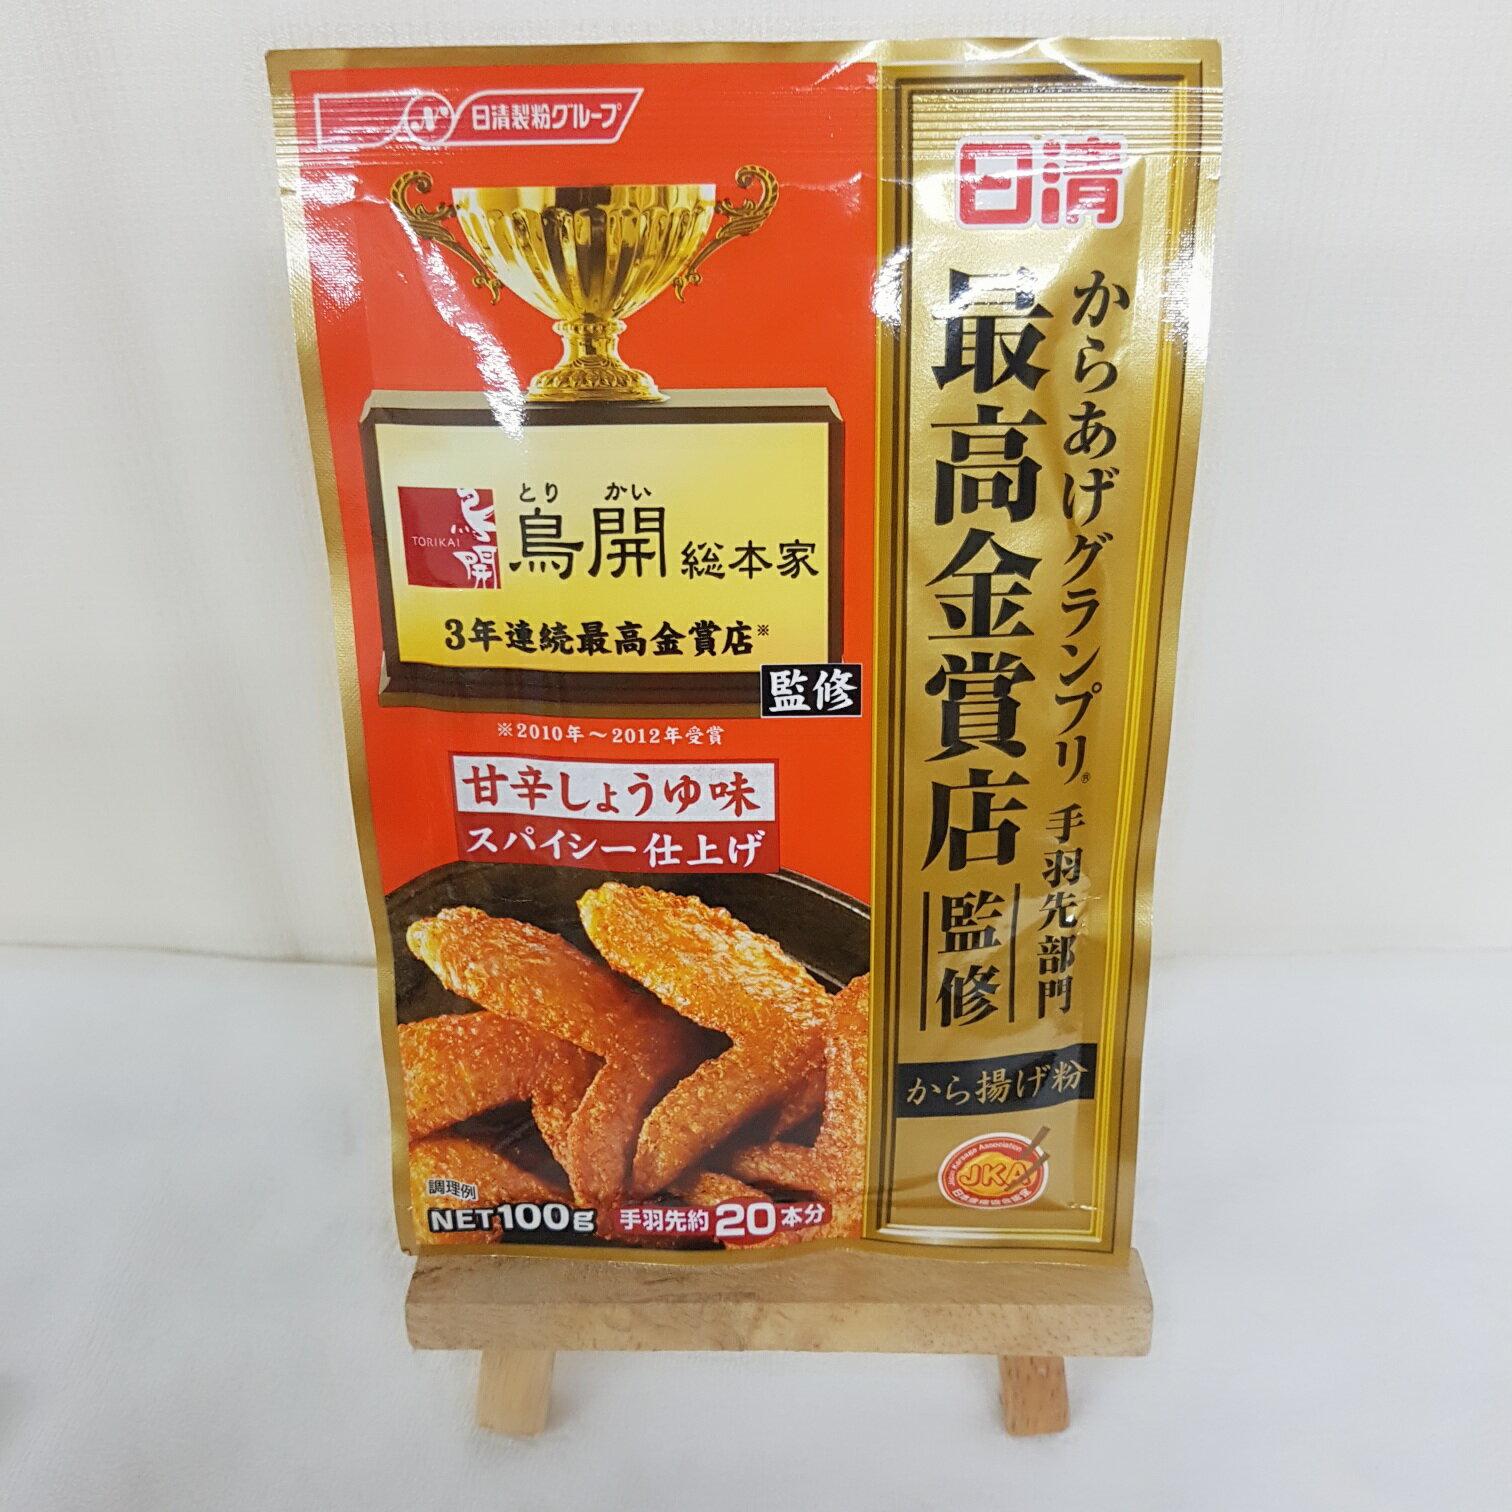 日清最高金賞獎炸雞粉-甜辣醬油風味100g包